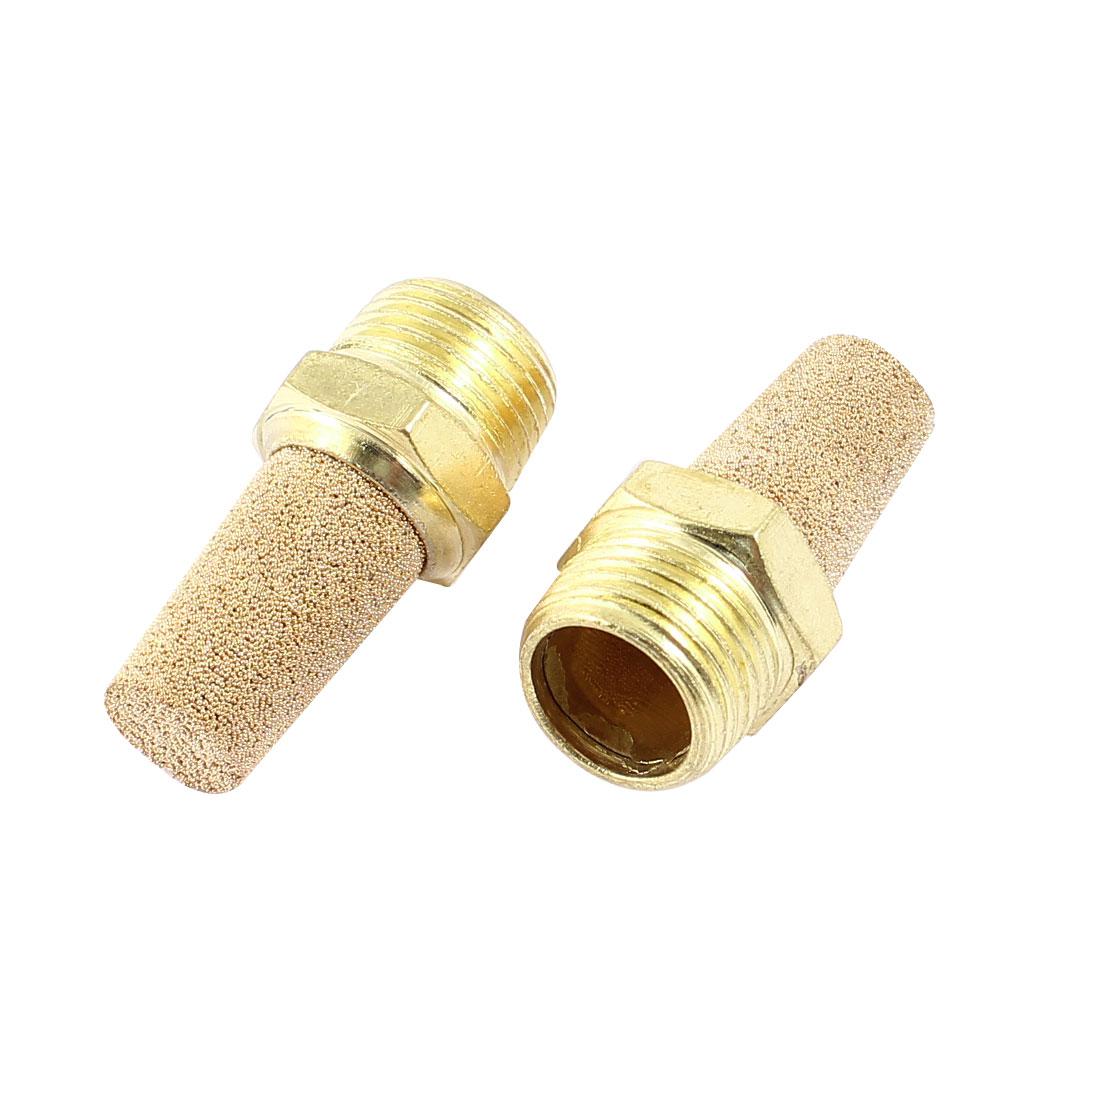 2 Pcs Brass 3/8PT Male Thread Noise Reducing Pneumatic Muffler Silencer Filter